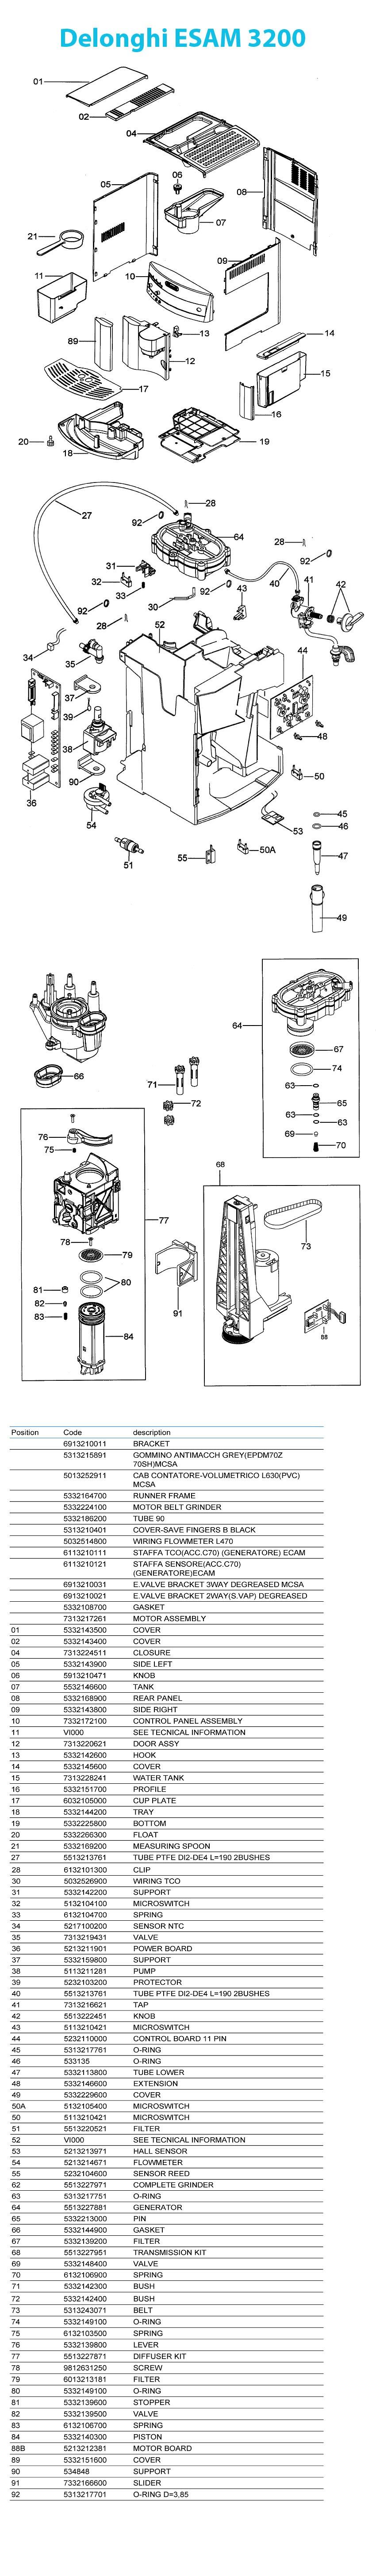 Delonghi Magnifica Parts Diagram Delonghi Esam 3200 Spare Parts Of Delonghi Magnifica Parts Diagram